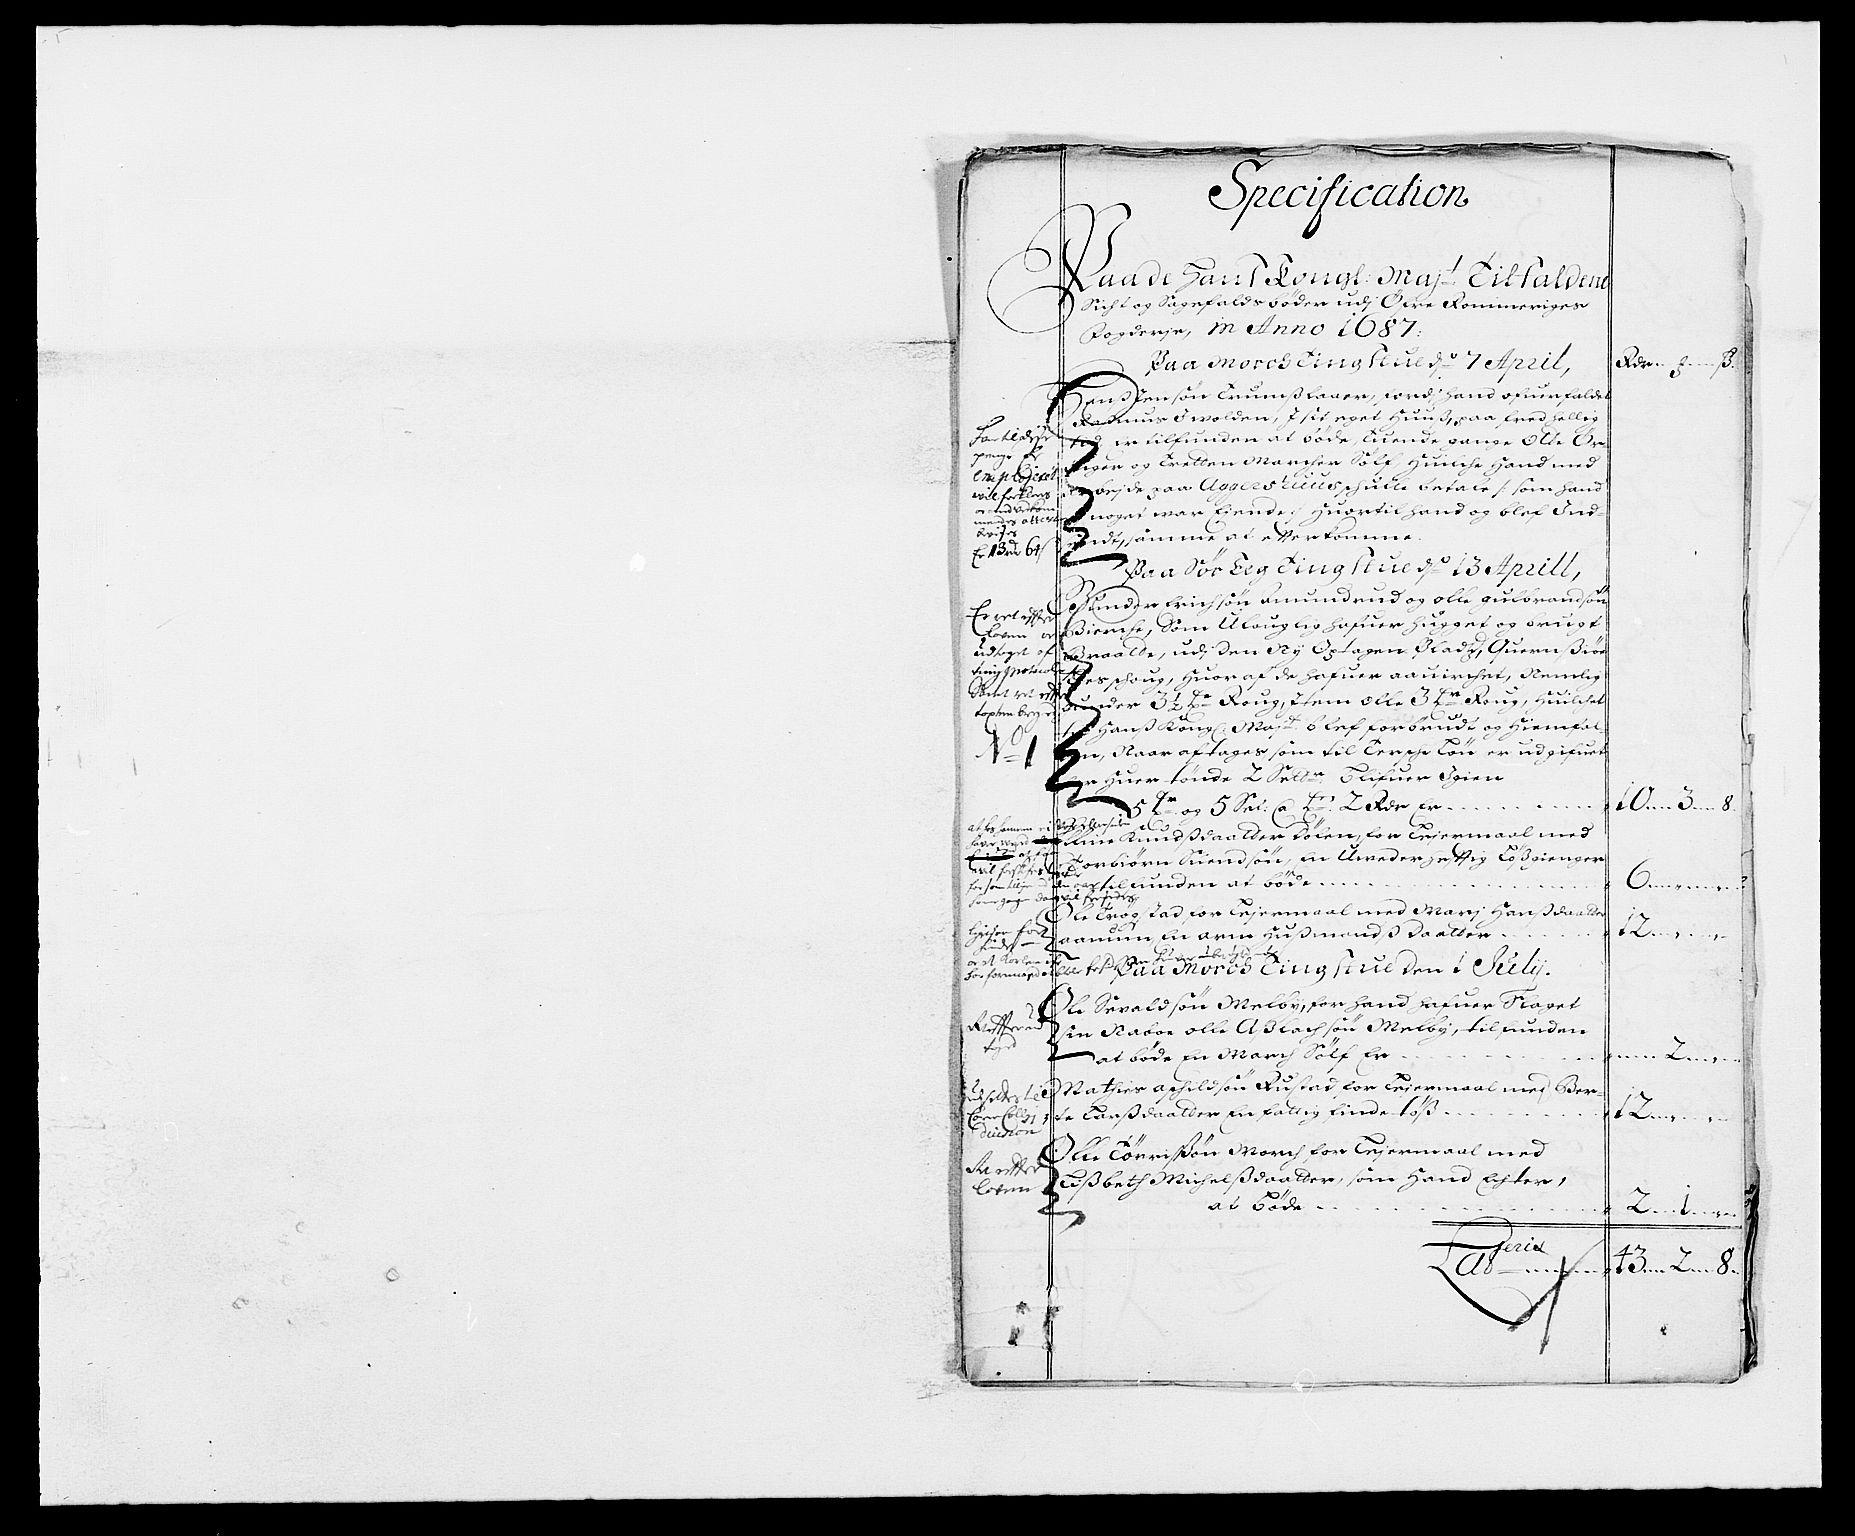 RA, Rentekammeret inntil 1814, Reviderte regnskaper, Fogderegnskap, R12/L0700: Fogderegnskap Øvre Romerike, 1687-1688, s. 51